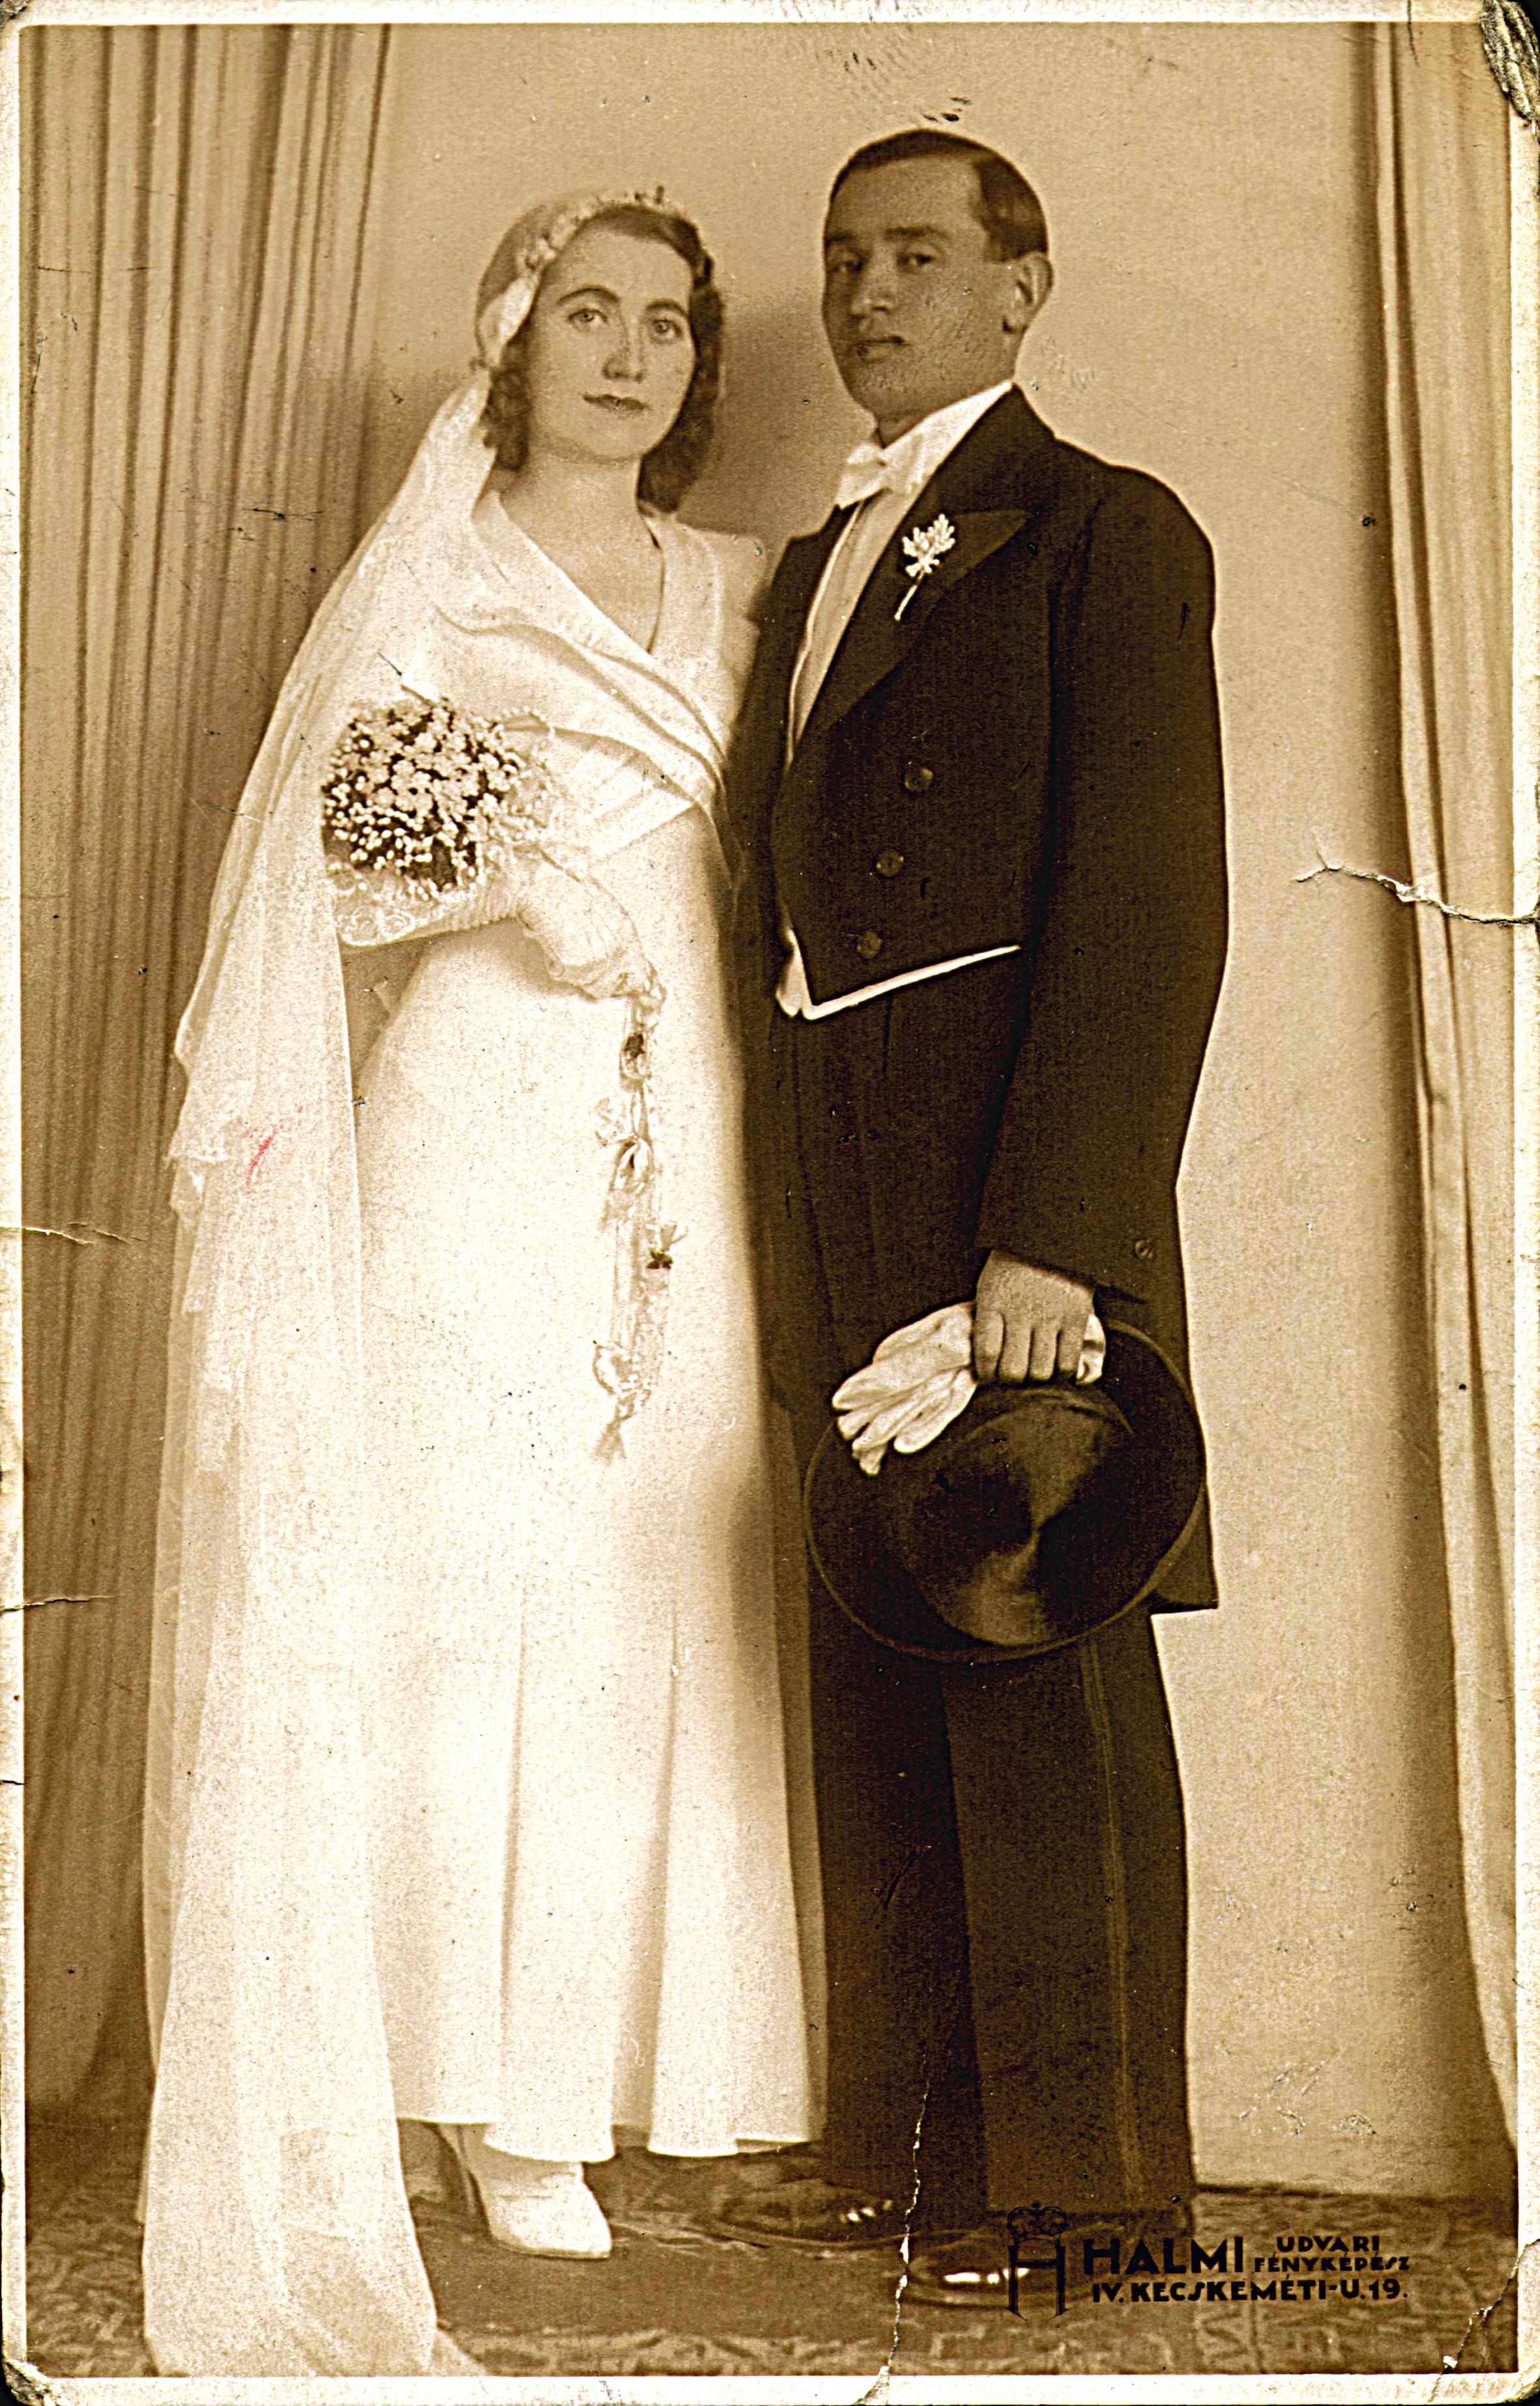 Wedding photo of Etel Schneller